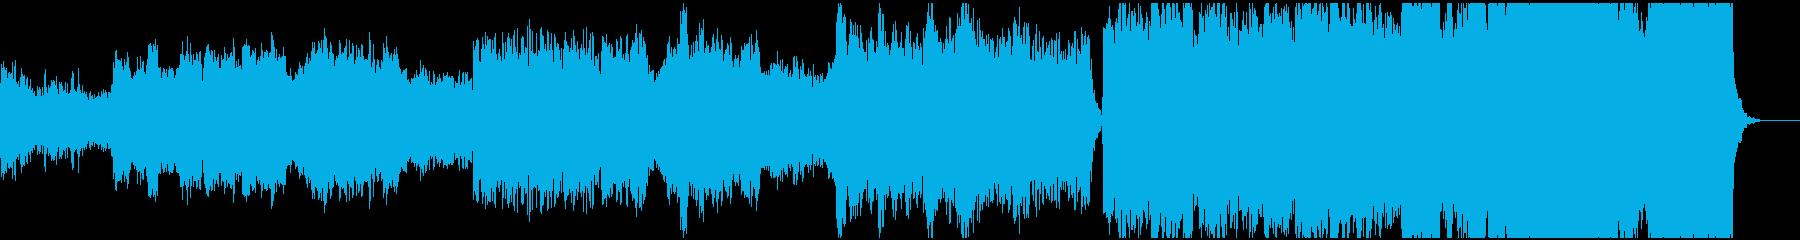 管弦楽による美しいBGMの再生済みの波形